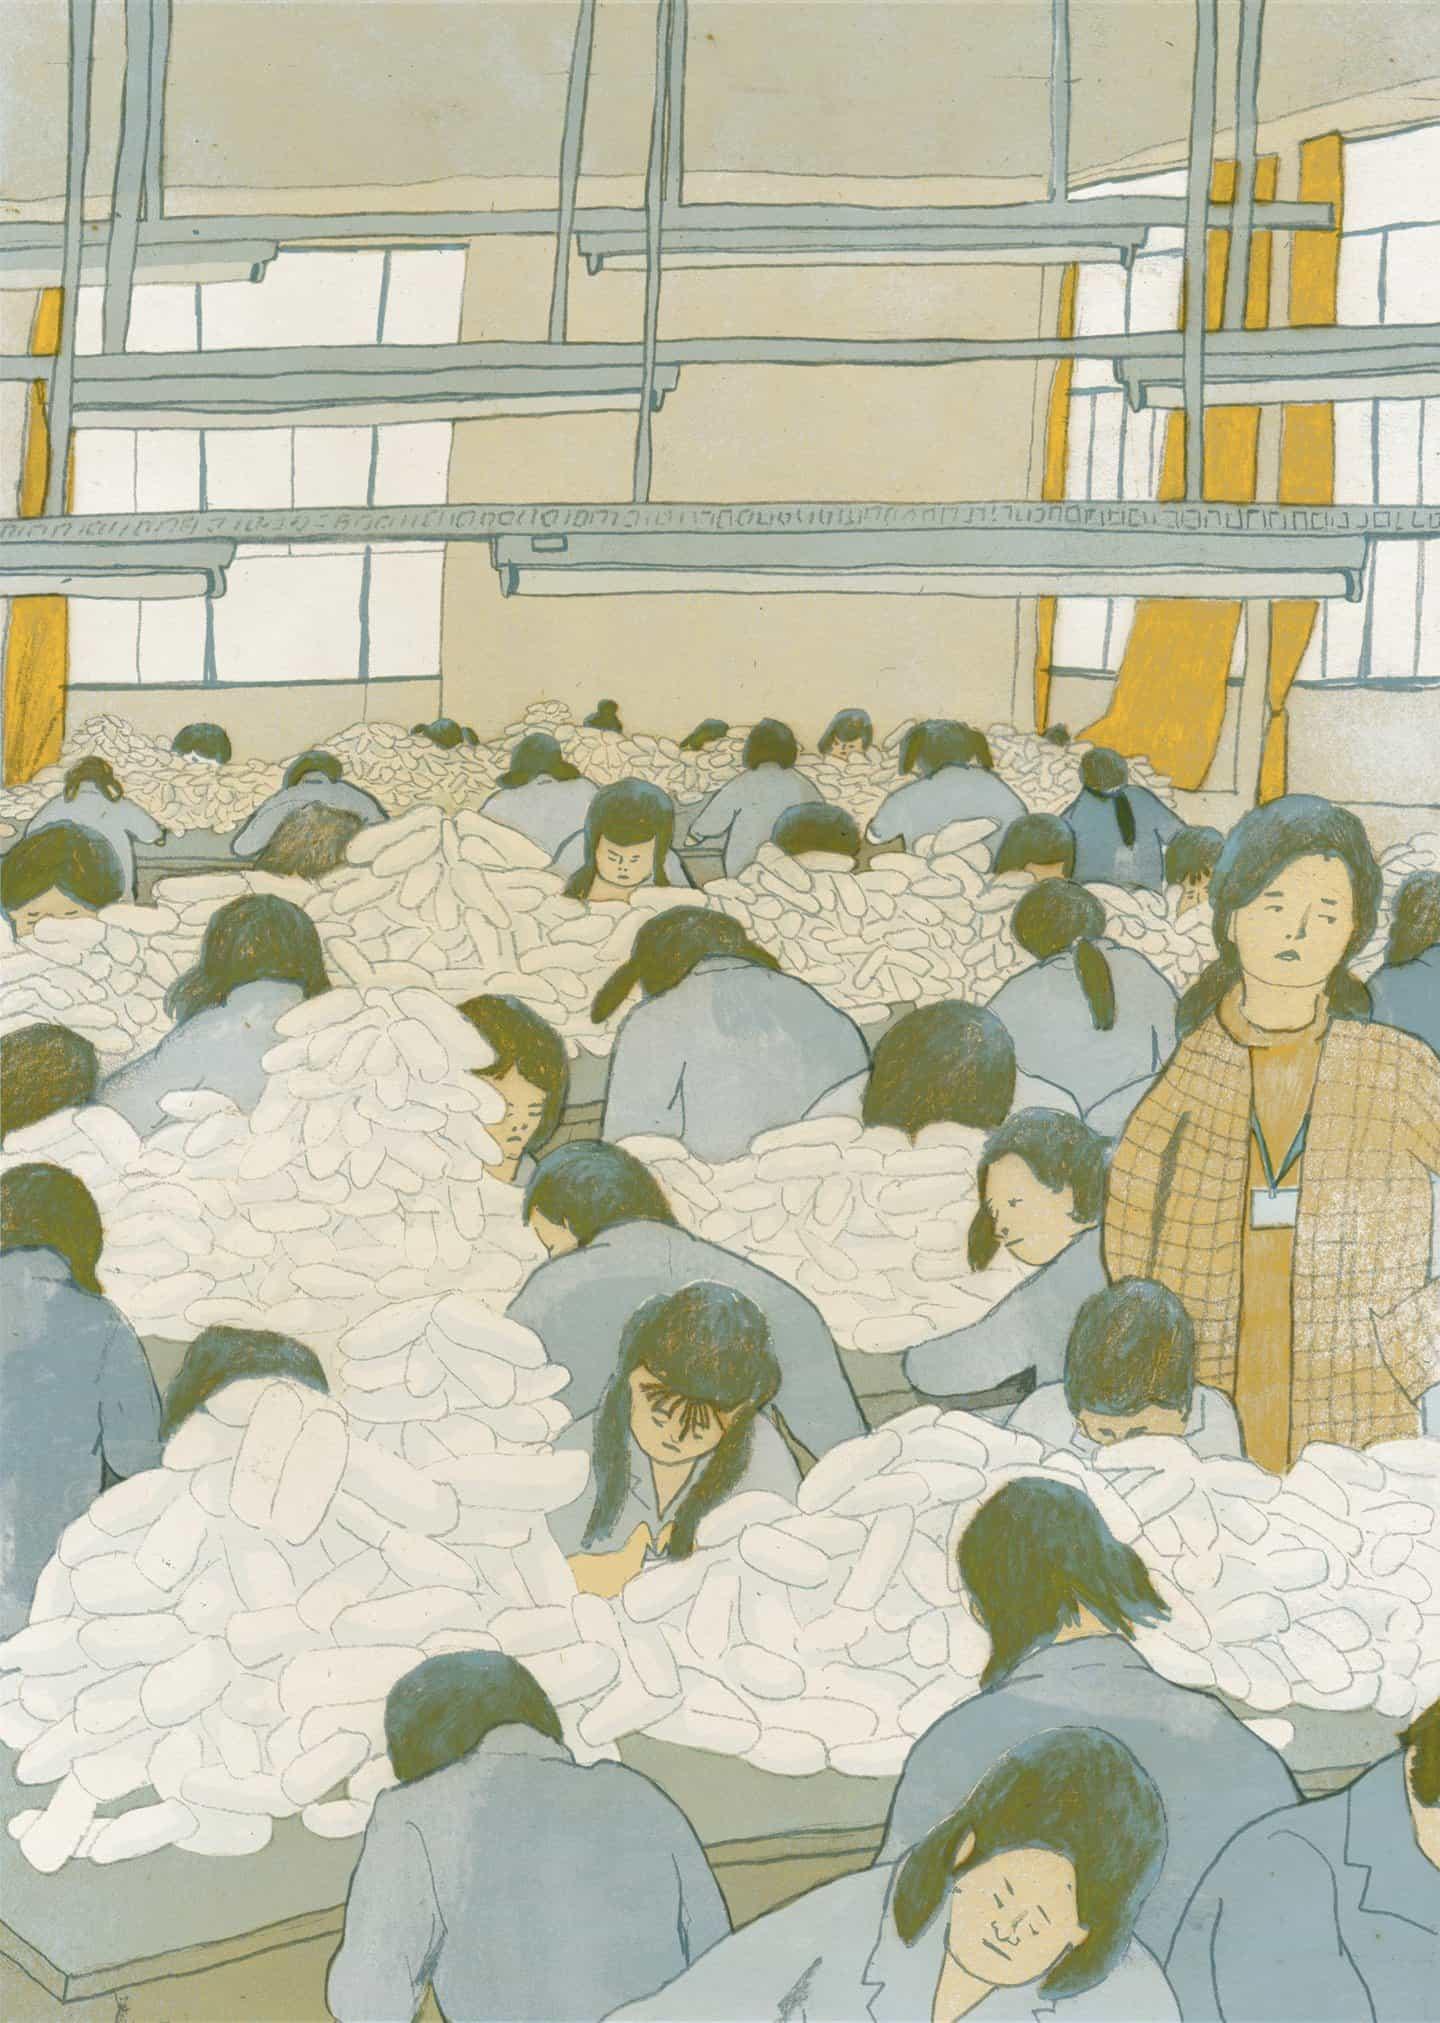 El ilustrador Chenyue Yuan profundiza en las historias sociales para contar la historia de los trabajadores chinos que viven y trabajan en fábricas